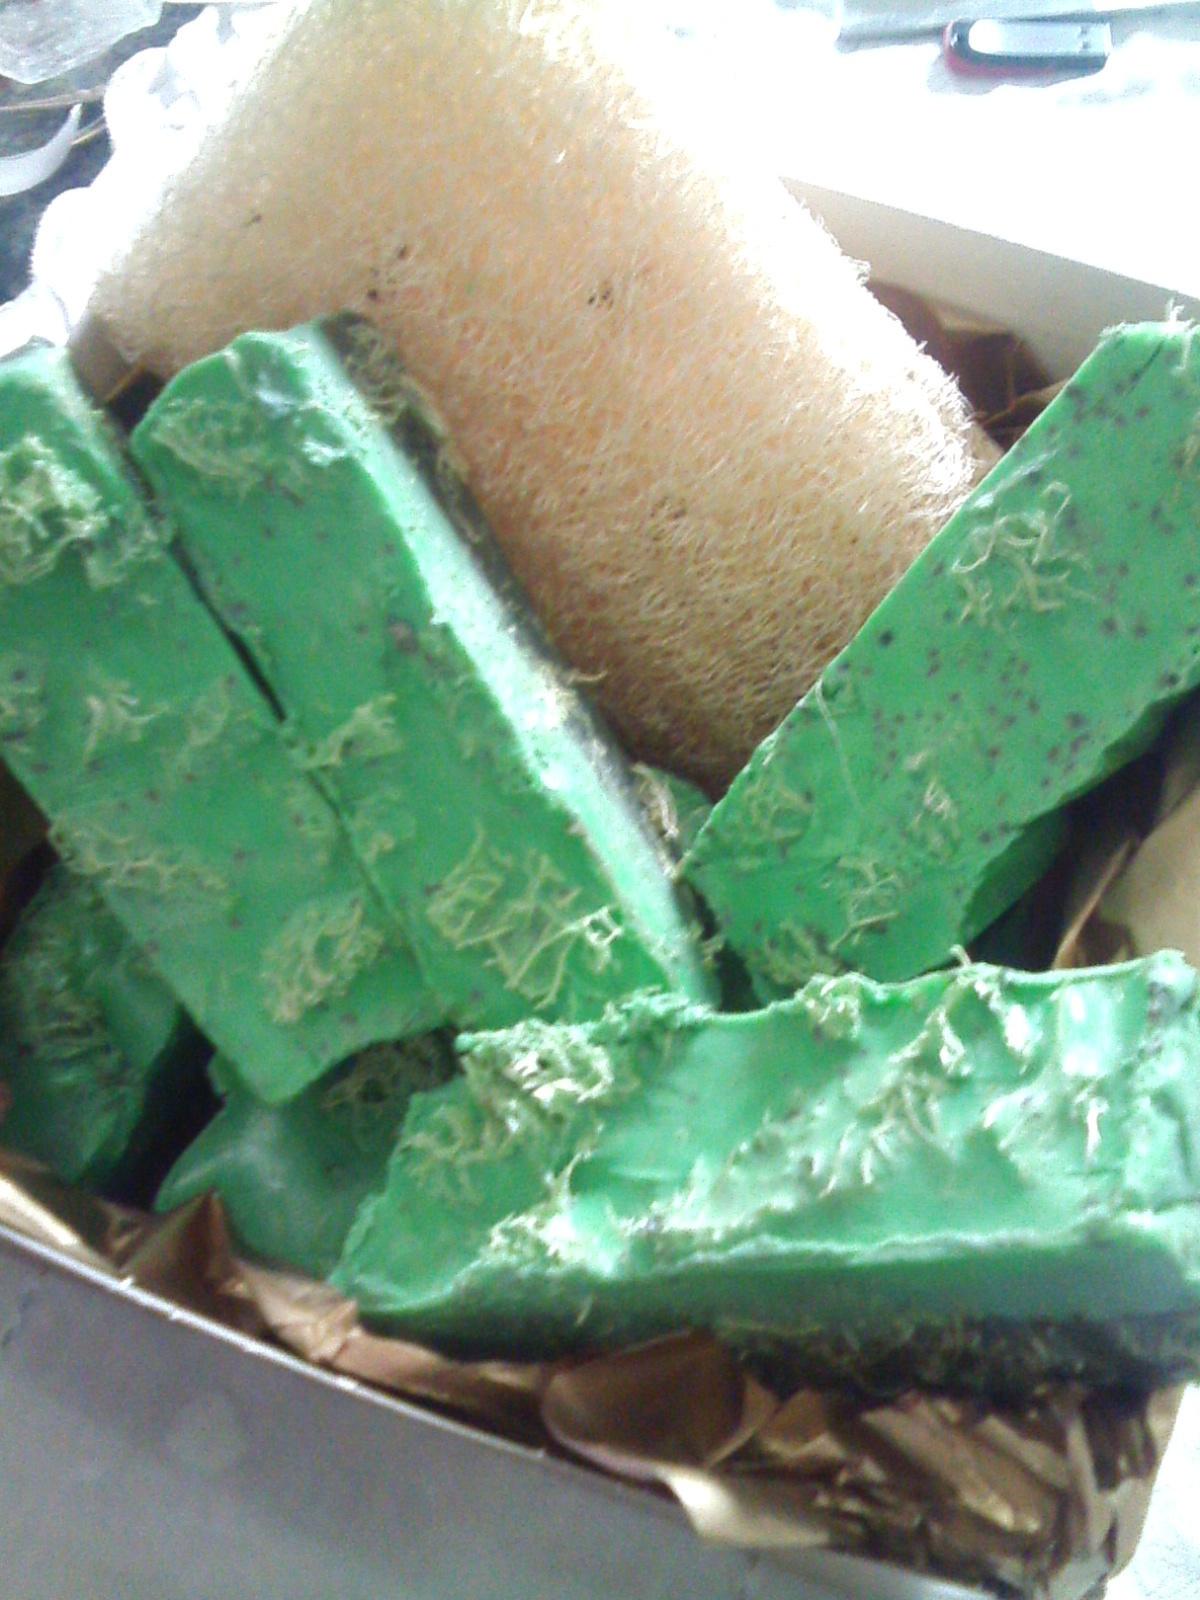 Sabonete Corporal, esfoliante com bucha vegetal para redução de medidas e celulite. outros esteticista